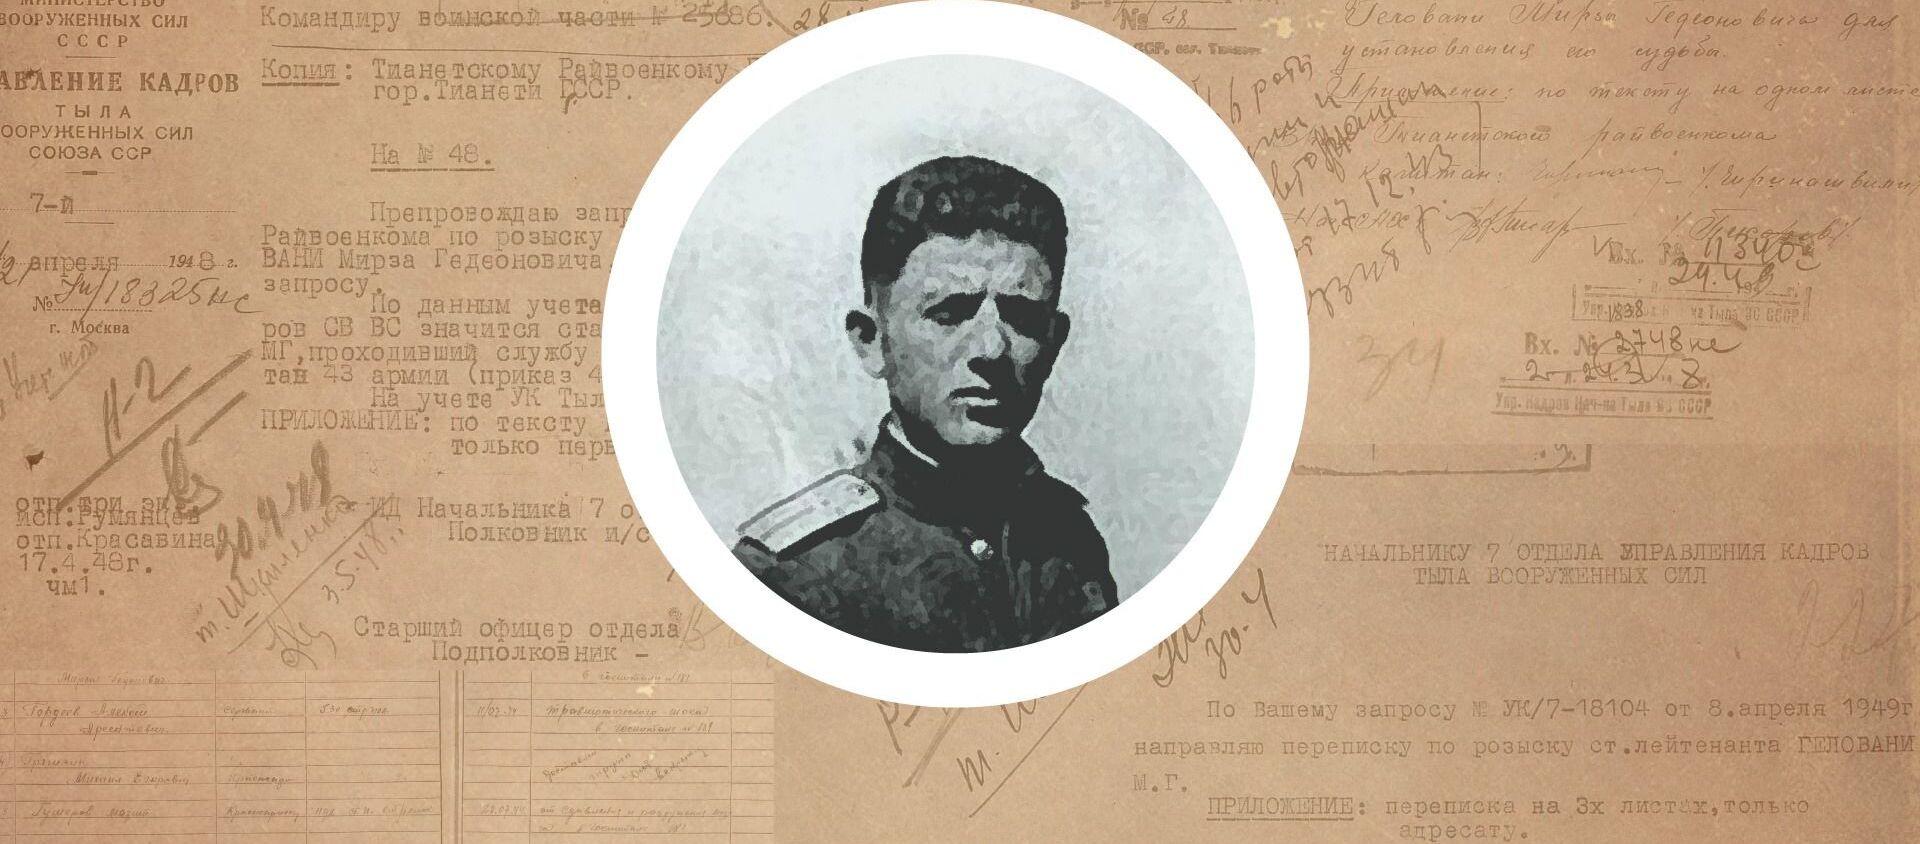 Солнечный человек из Грузии: поэт и боец Мирза Геловани - Sputnik Грузия, 1920, 09.05.2021